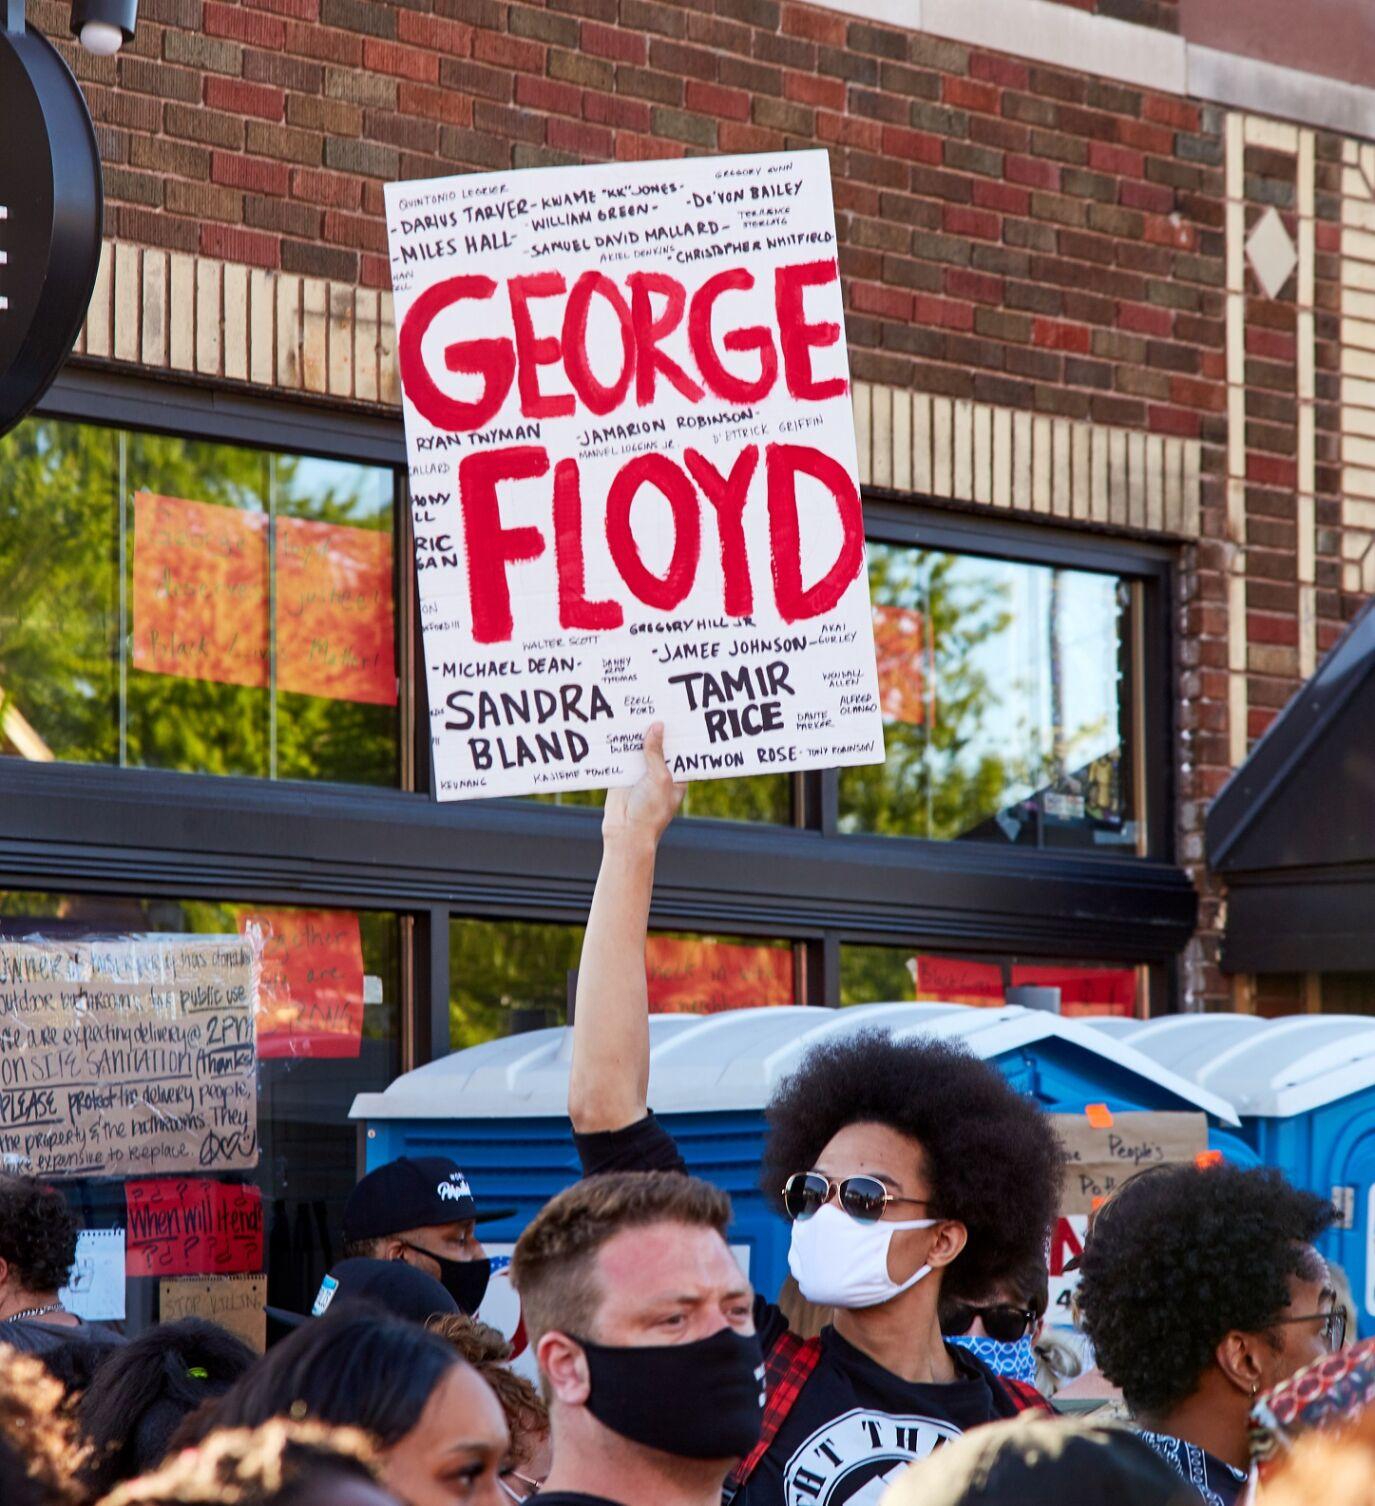 George Floyd is not on trial